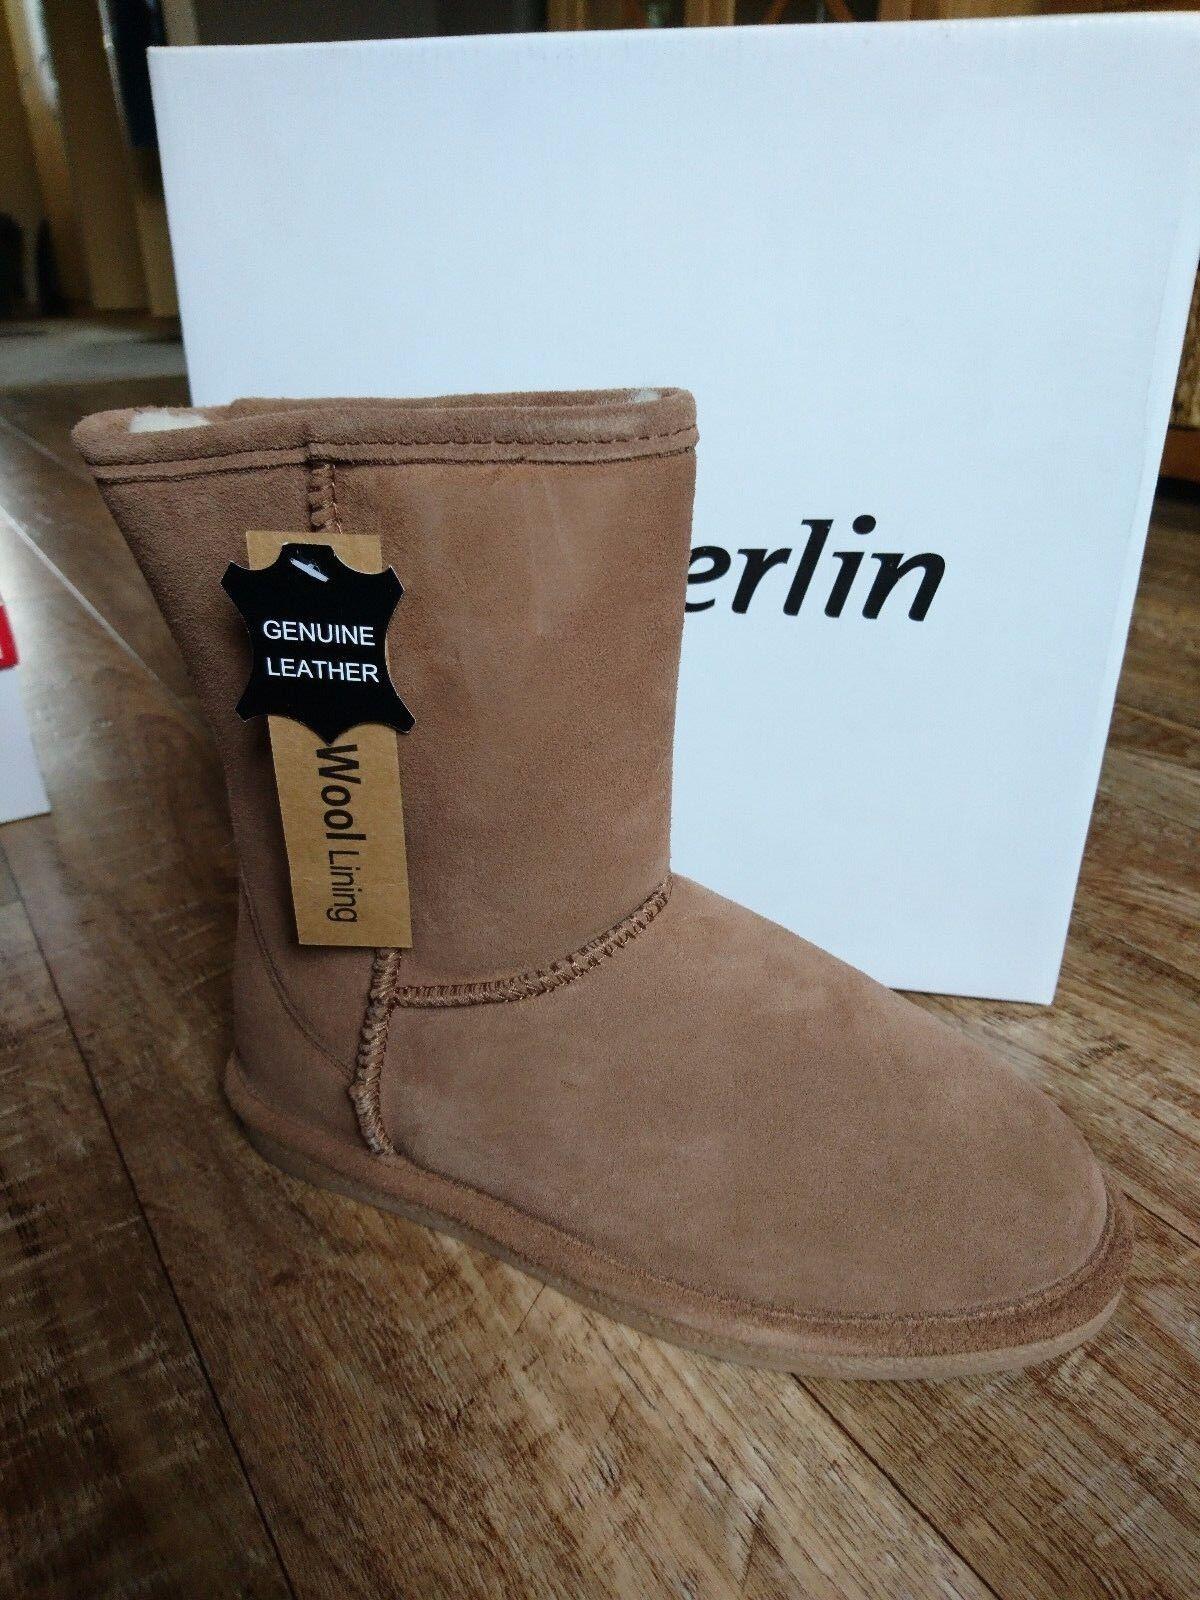 botas de invierno 030 Berlín botas señora botas marrón caliente forraje nuevo